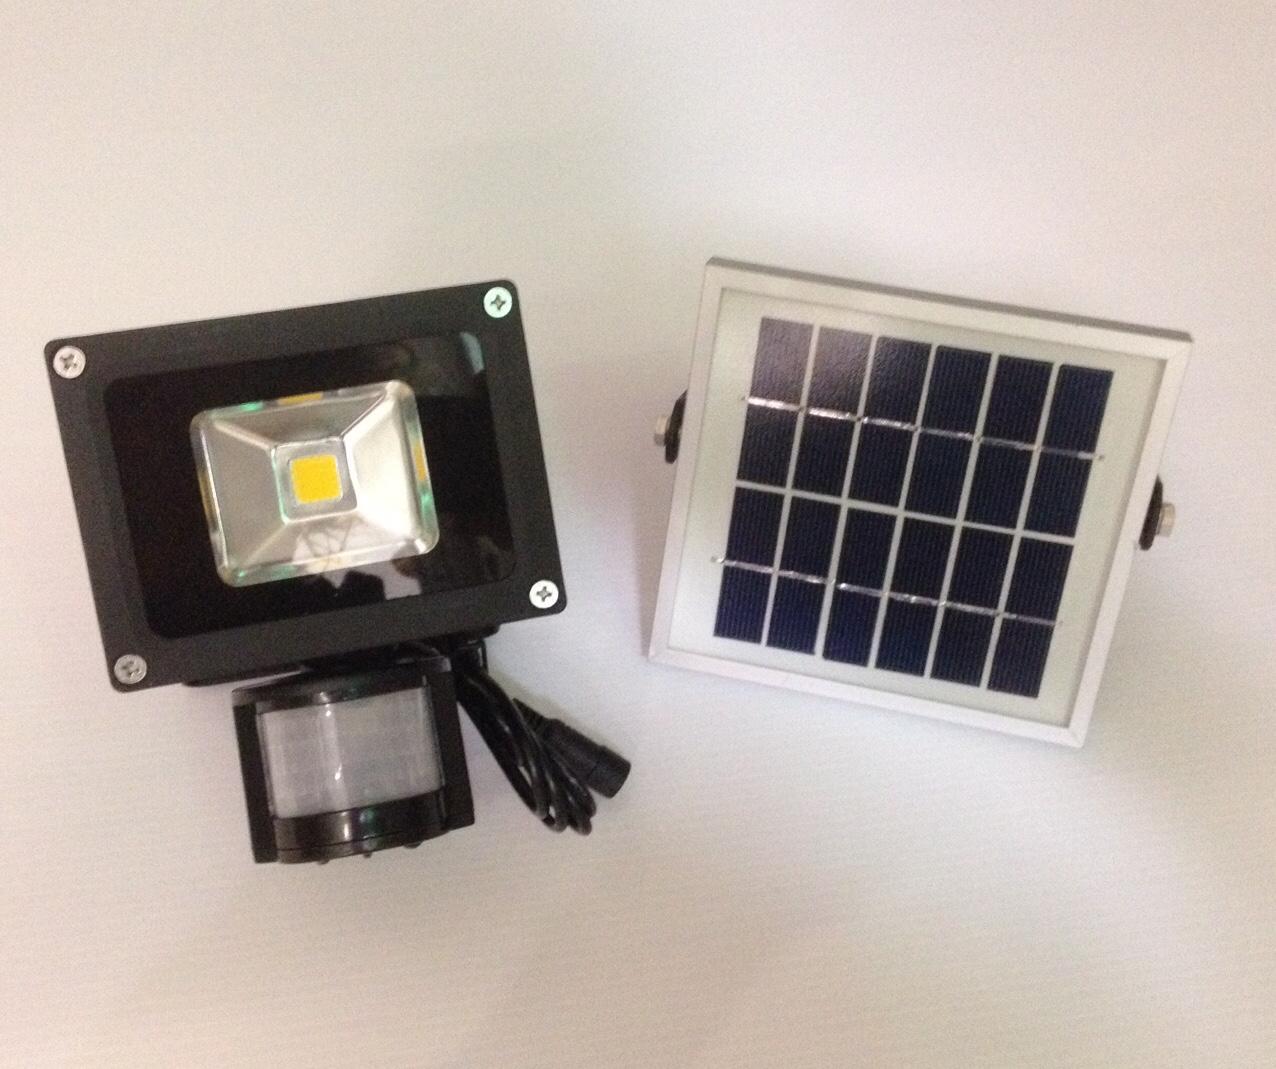 Blanc Led Projecteurs Puissant Chaud Solaire Projecteur 500 5 SolairesObjetsolaire Lumens W oQBCWEedxr